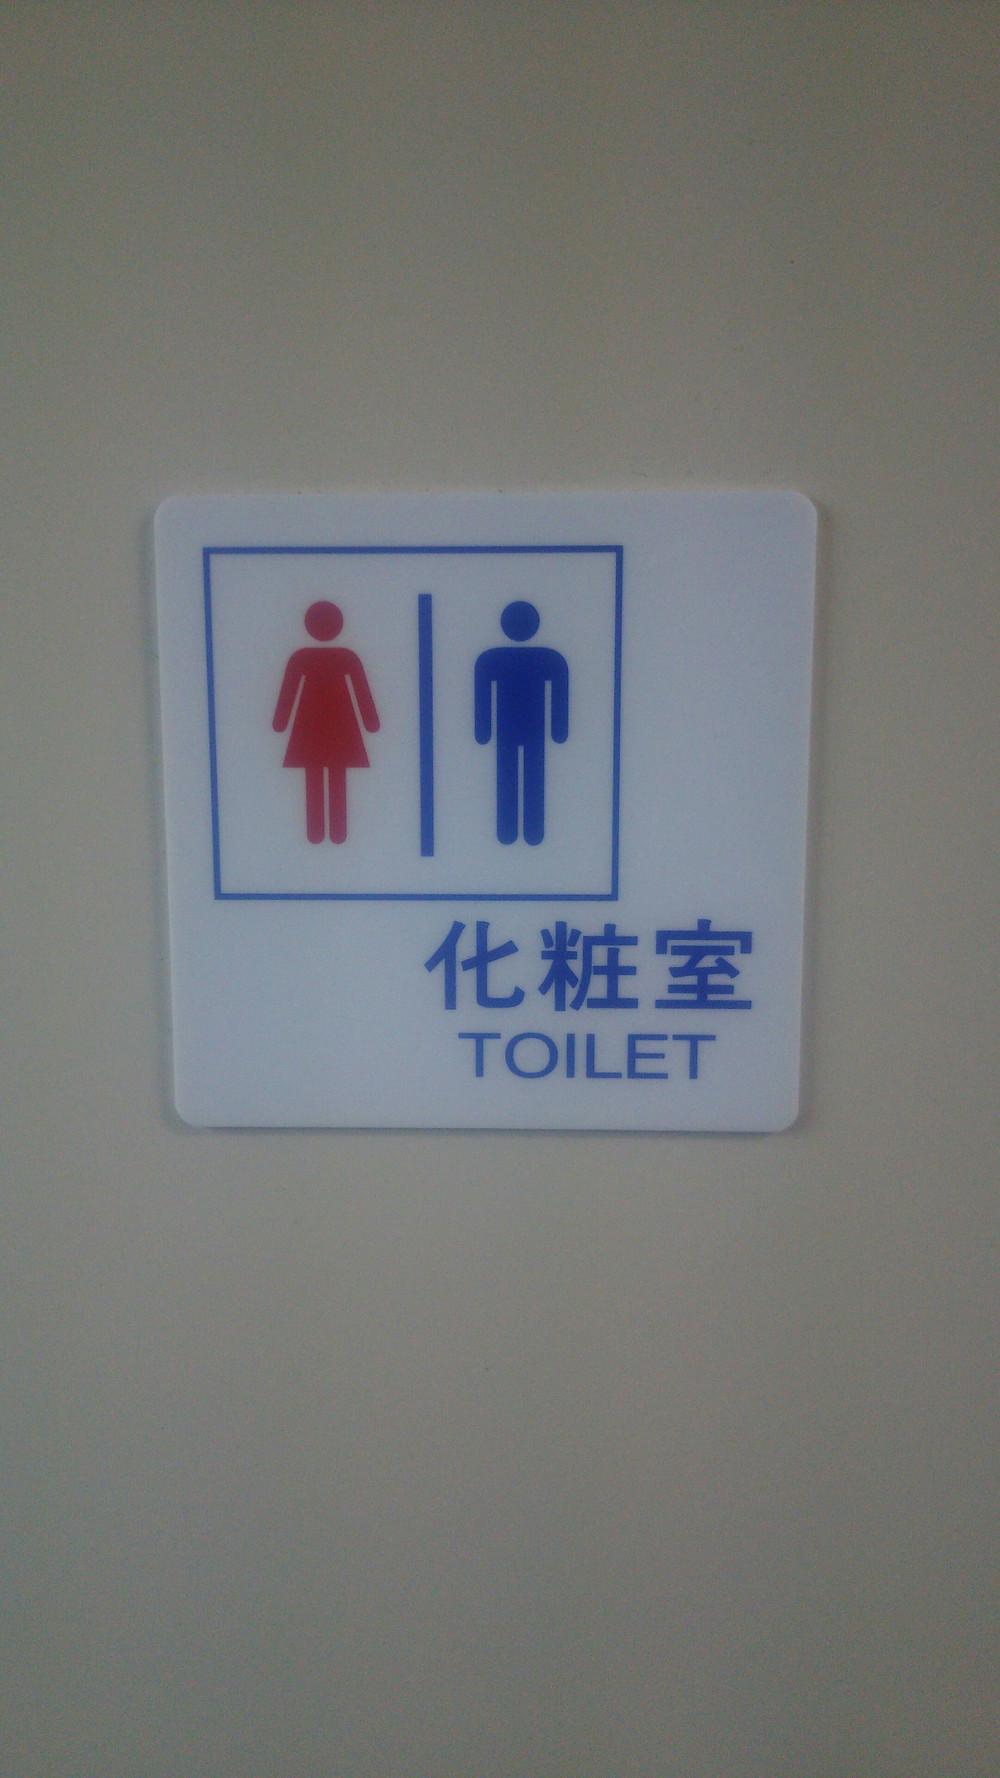 トイレ錠 閉じ込め注意